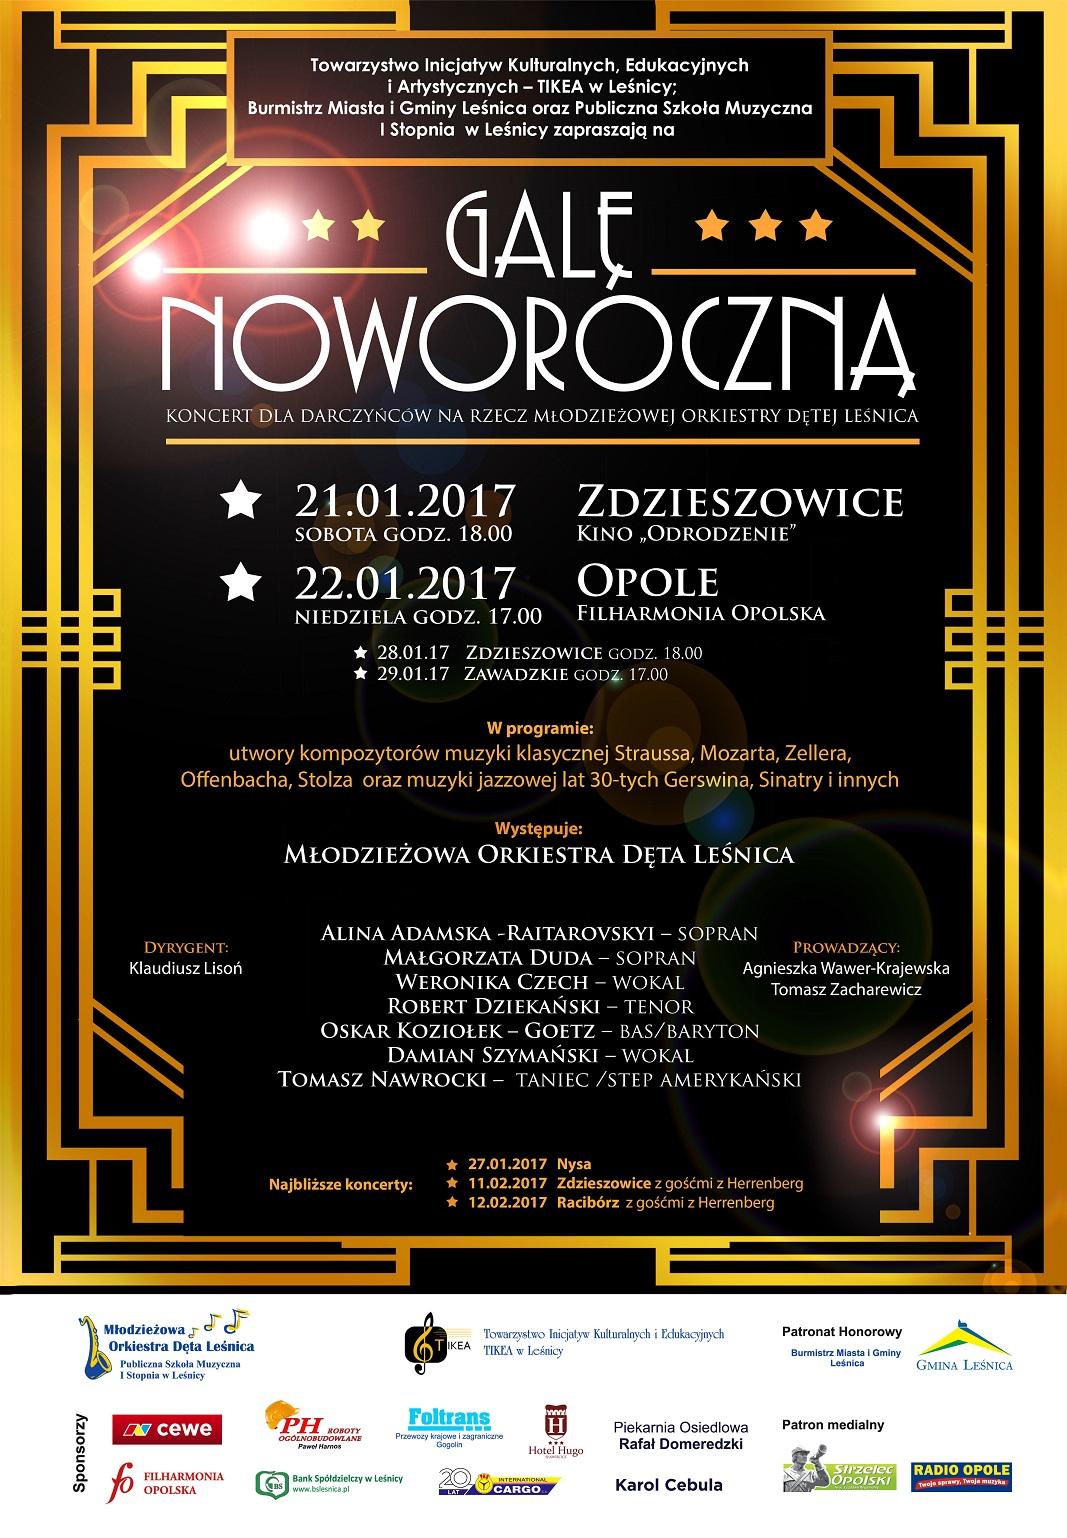 Gala Noworoczna Towarzystwa Inicjatyw Kulturalnych Edukacyjnych i Artystycznych TIKEA